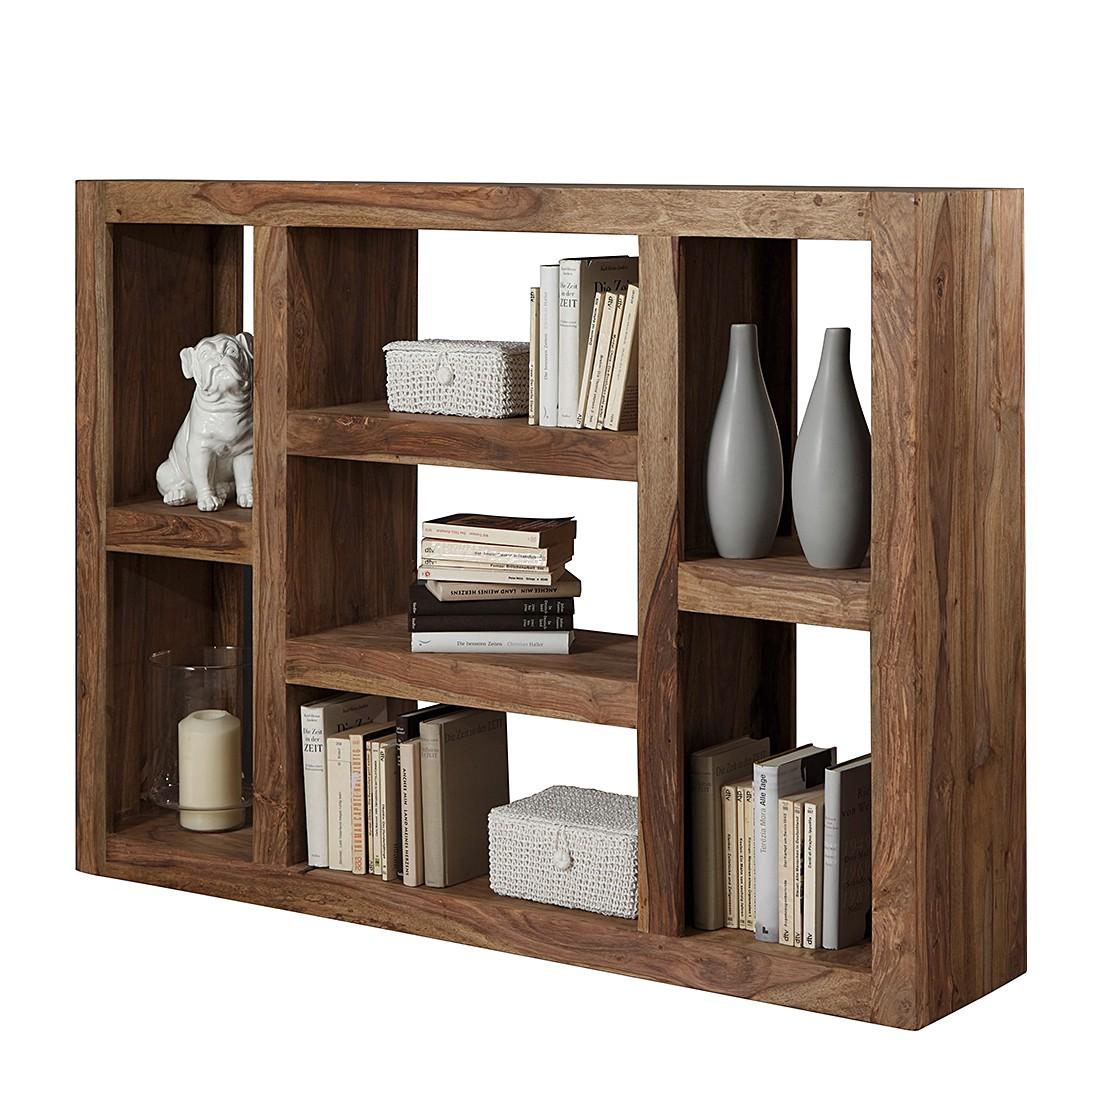 raumteiler archive seite 3 von 4. Black Bedroom Furniture Sets. Home Design Ideas